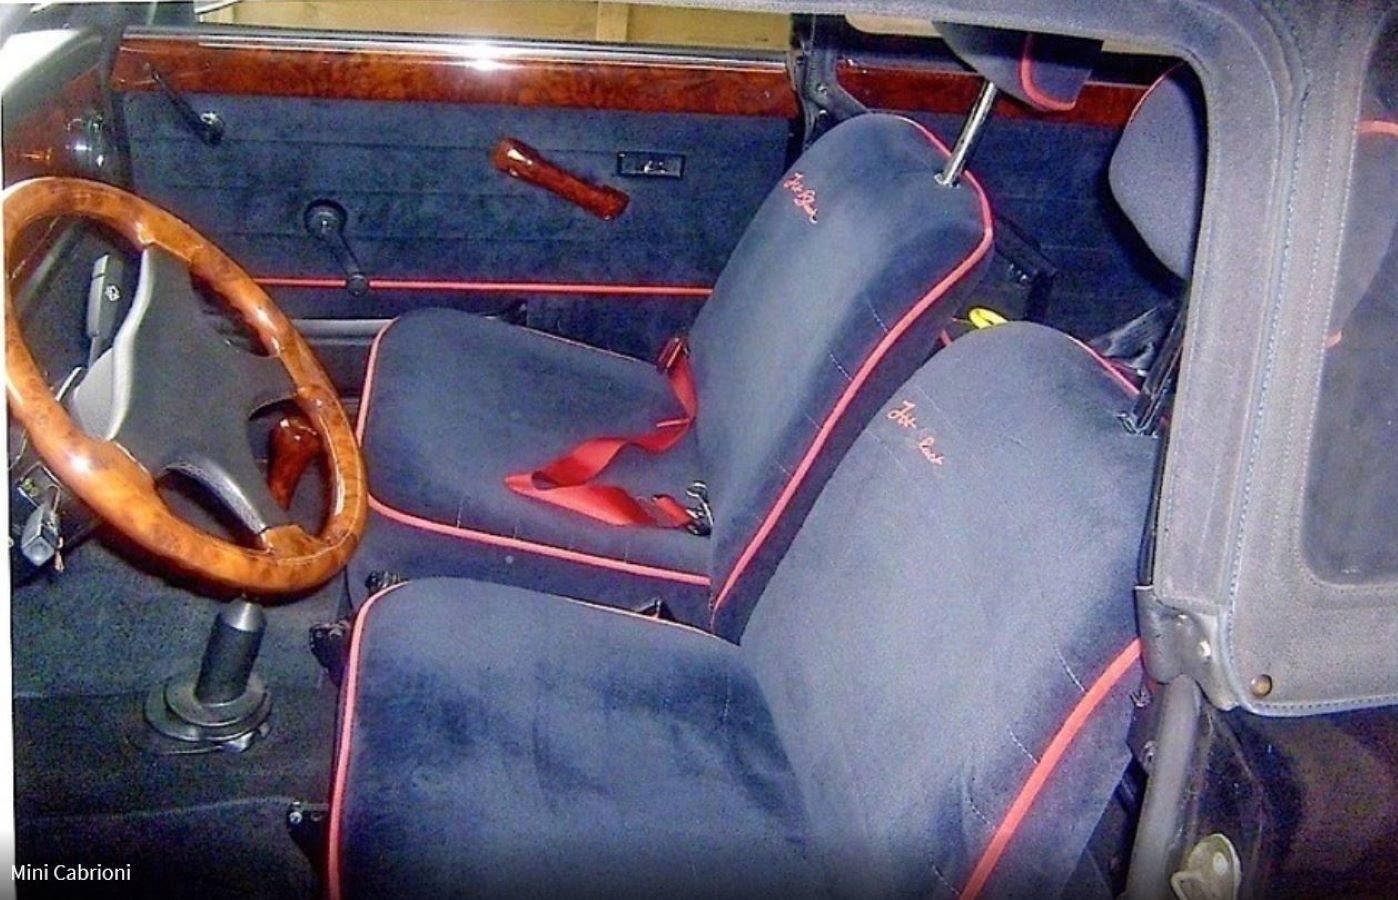 1988 Austin Mini Jet Black Cabrioni For Sale (picture 3 of 6)